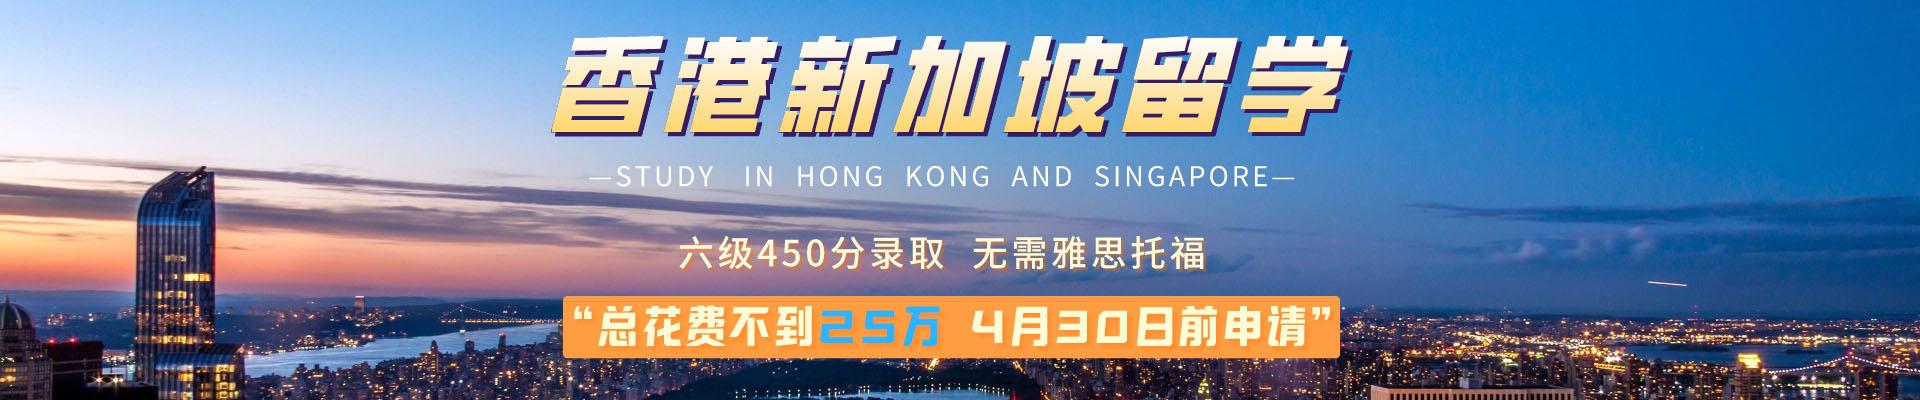 香港研究生留学申请条件